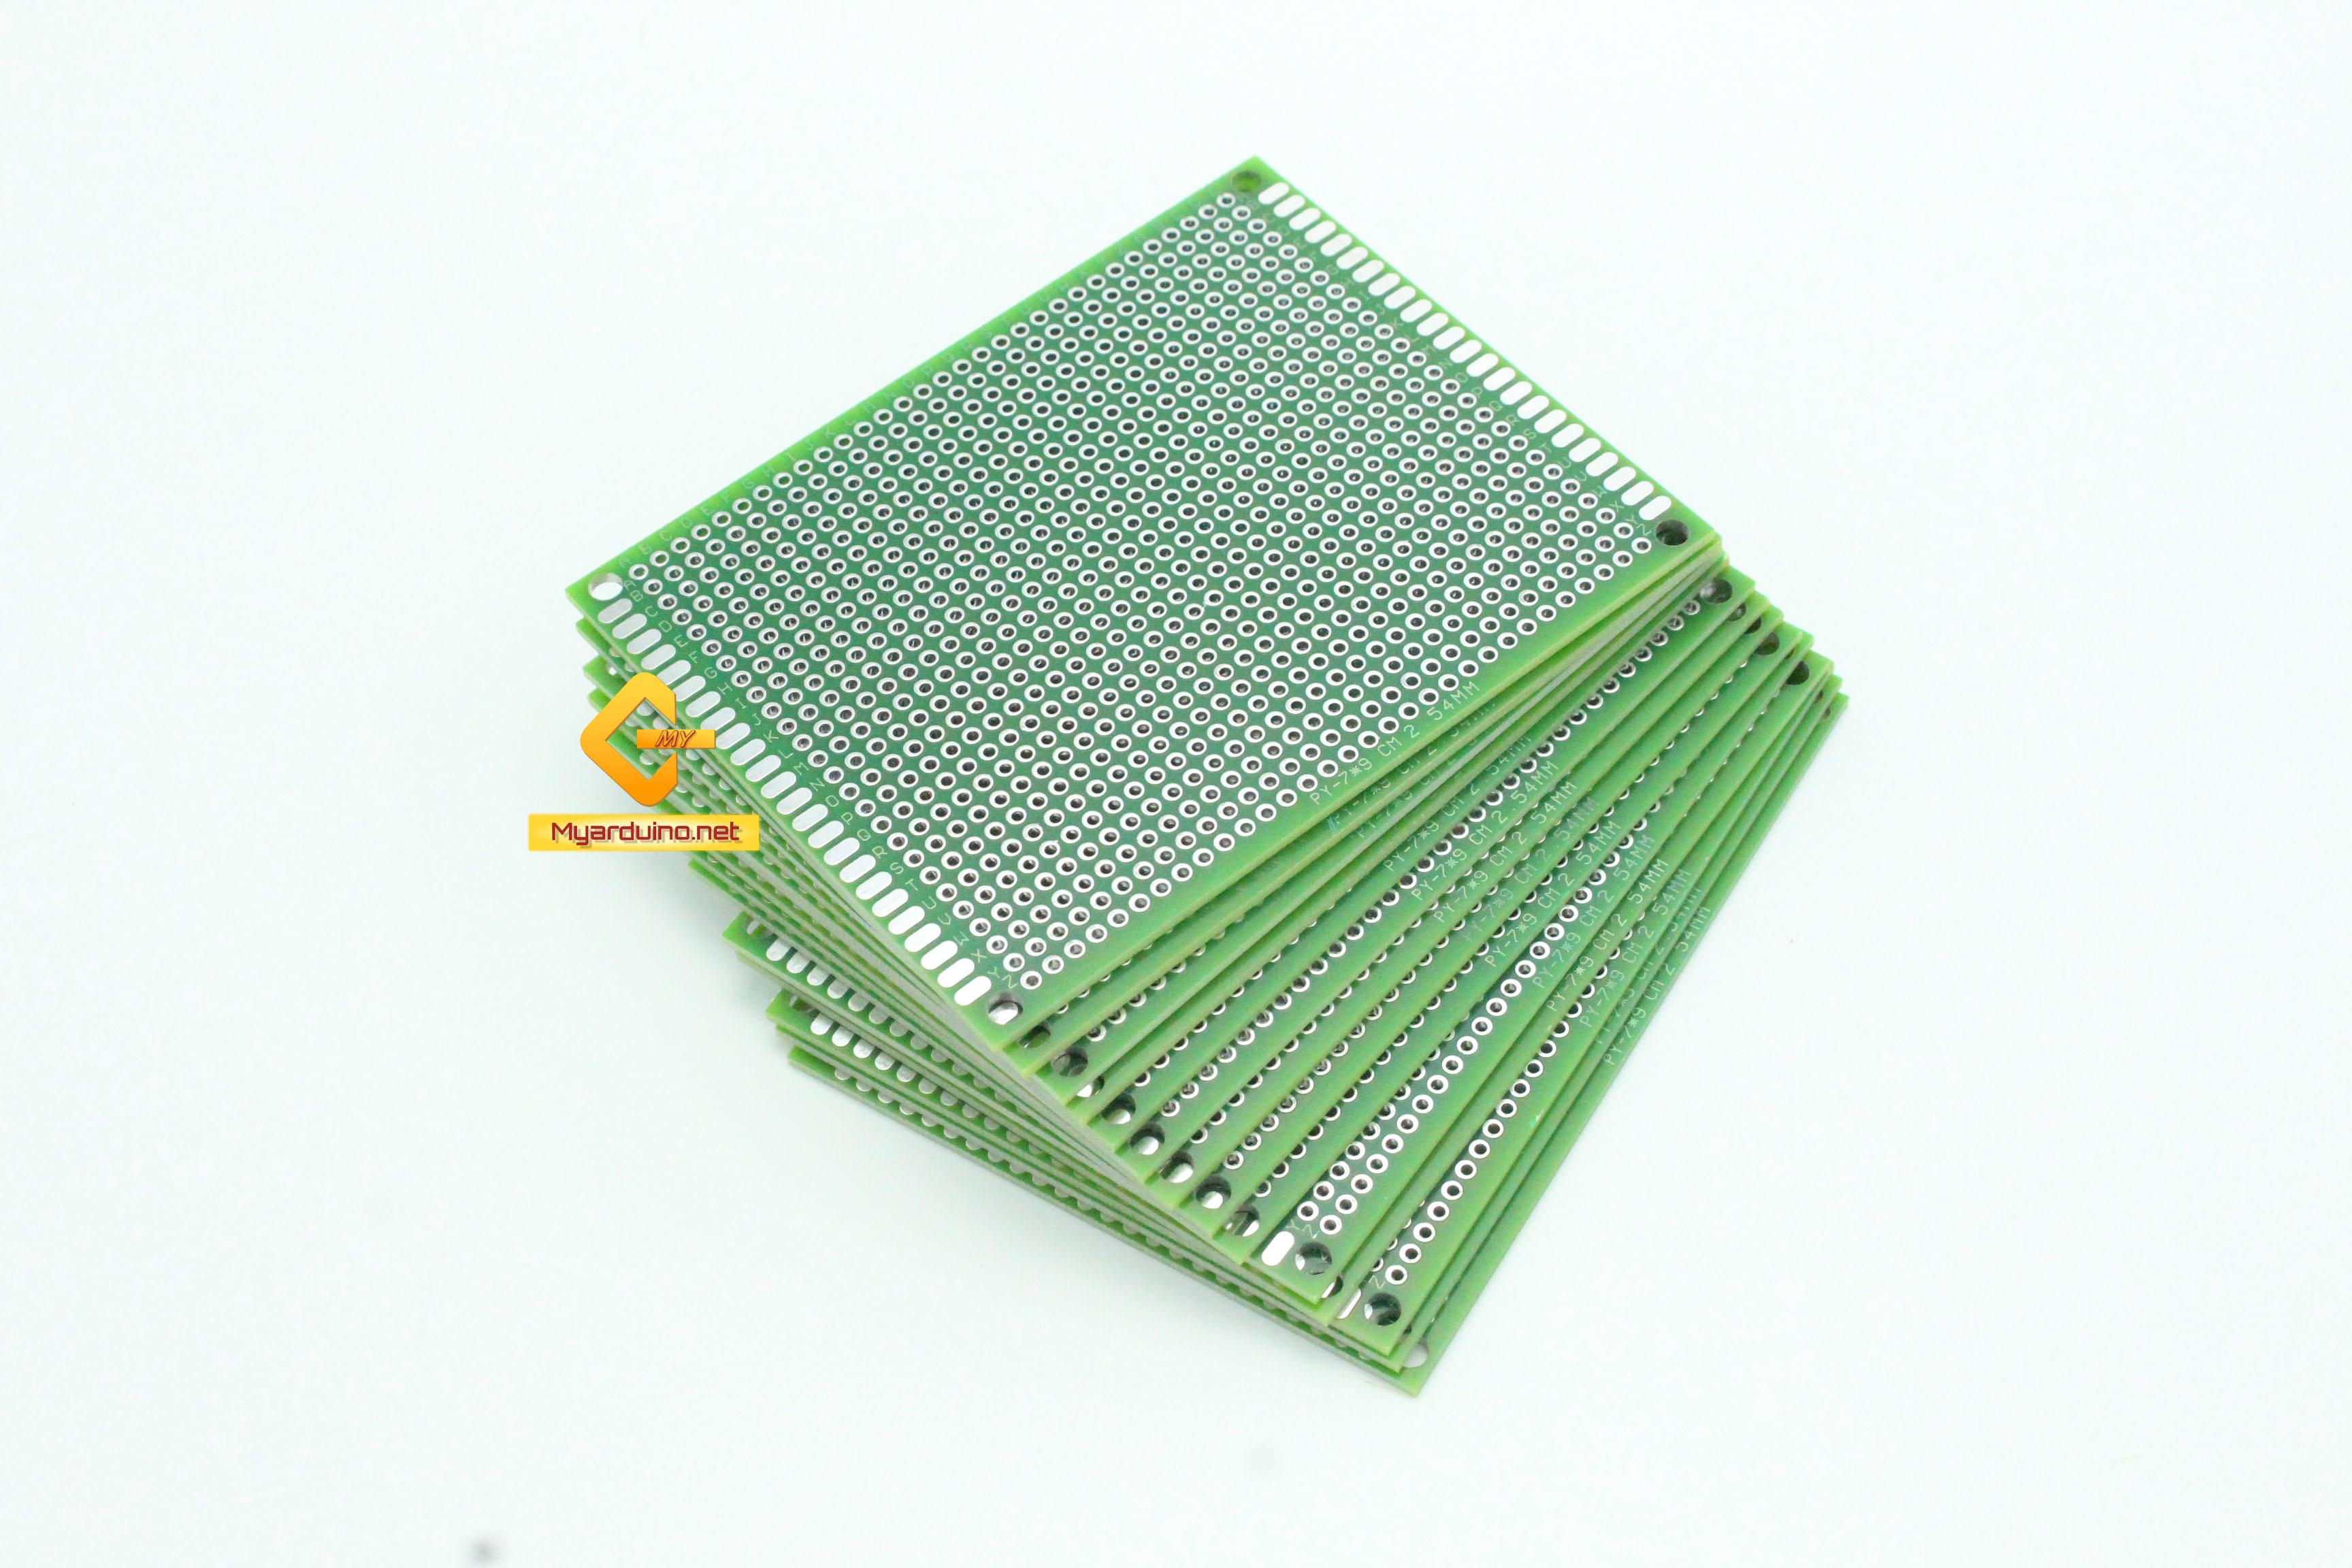 แผ่นปริ๊นอเนกประสงค์ ไข่ปลา สีเขียว คุณภาพดี Prototype PCB Board 7x9 cm